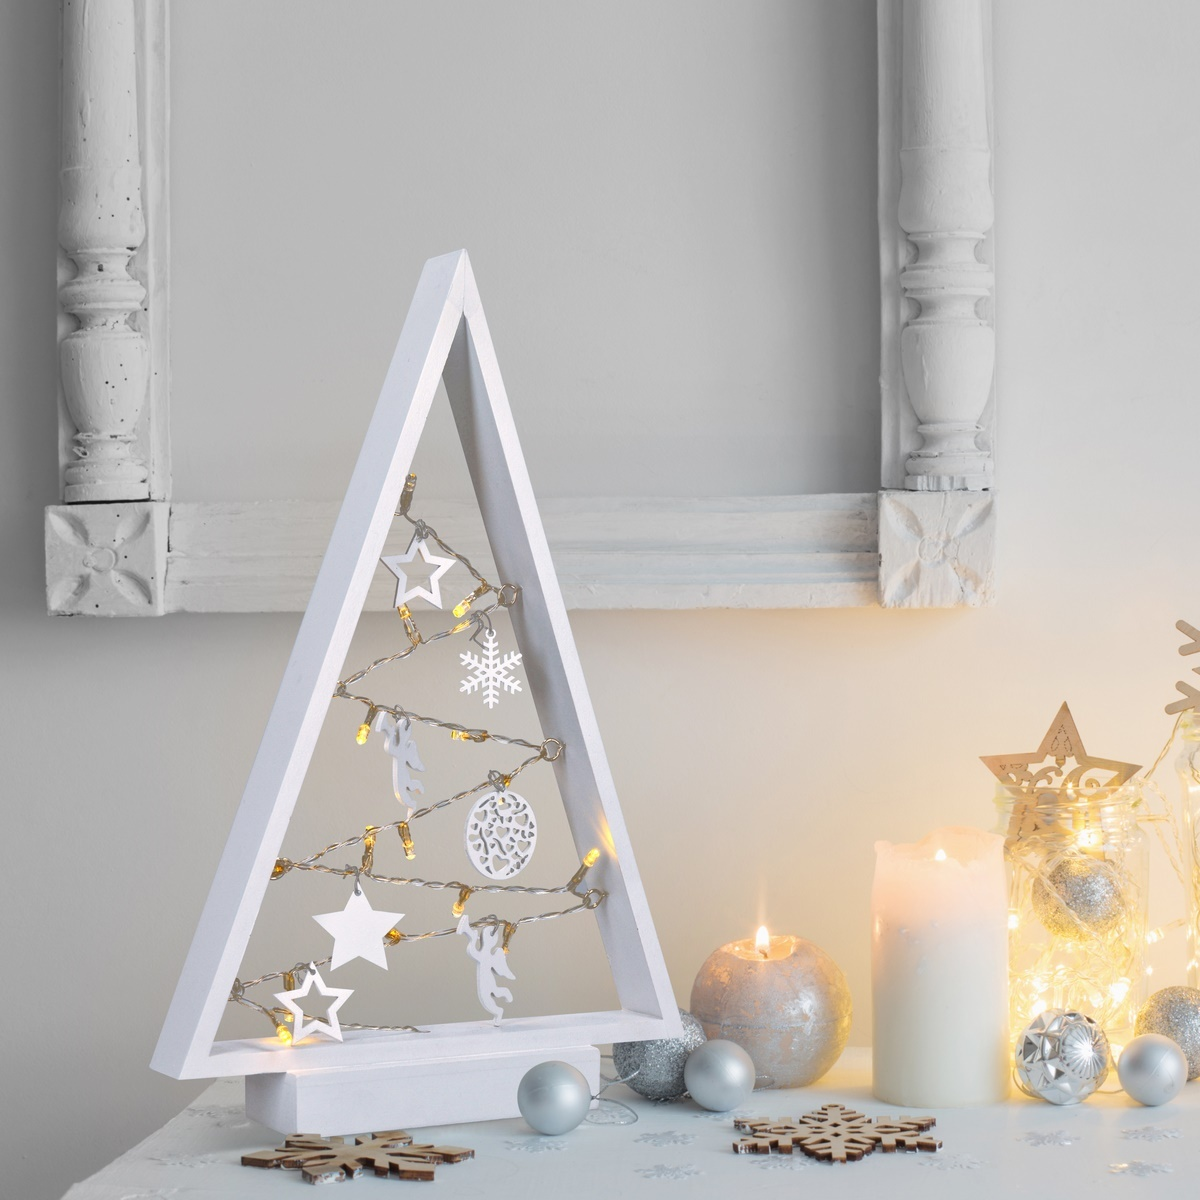 Solight Vánoční stromek 15 LED diod, teplá bílá